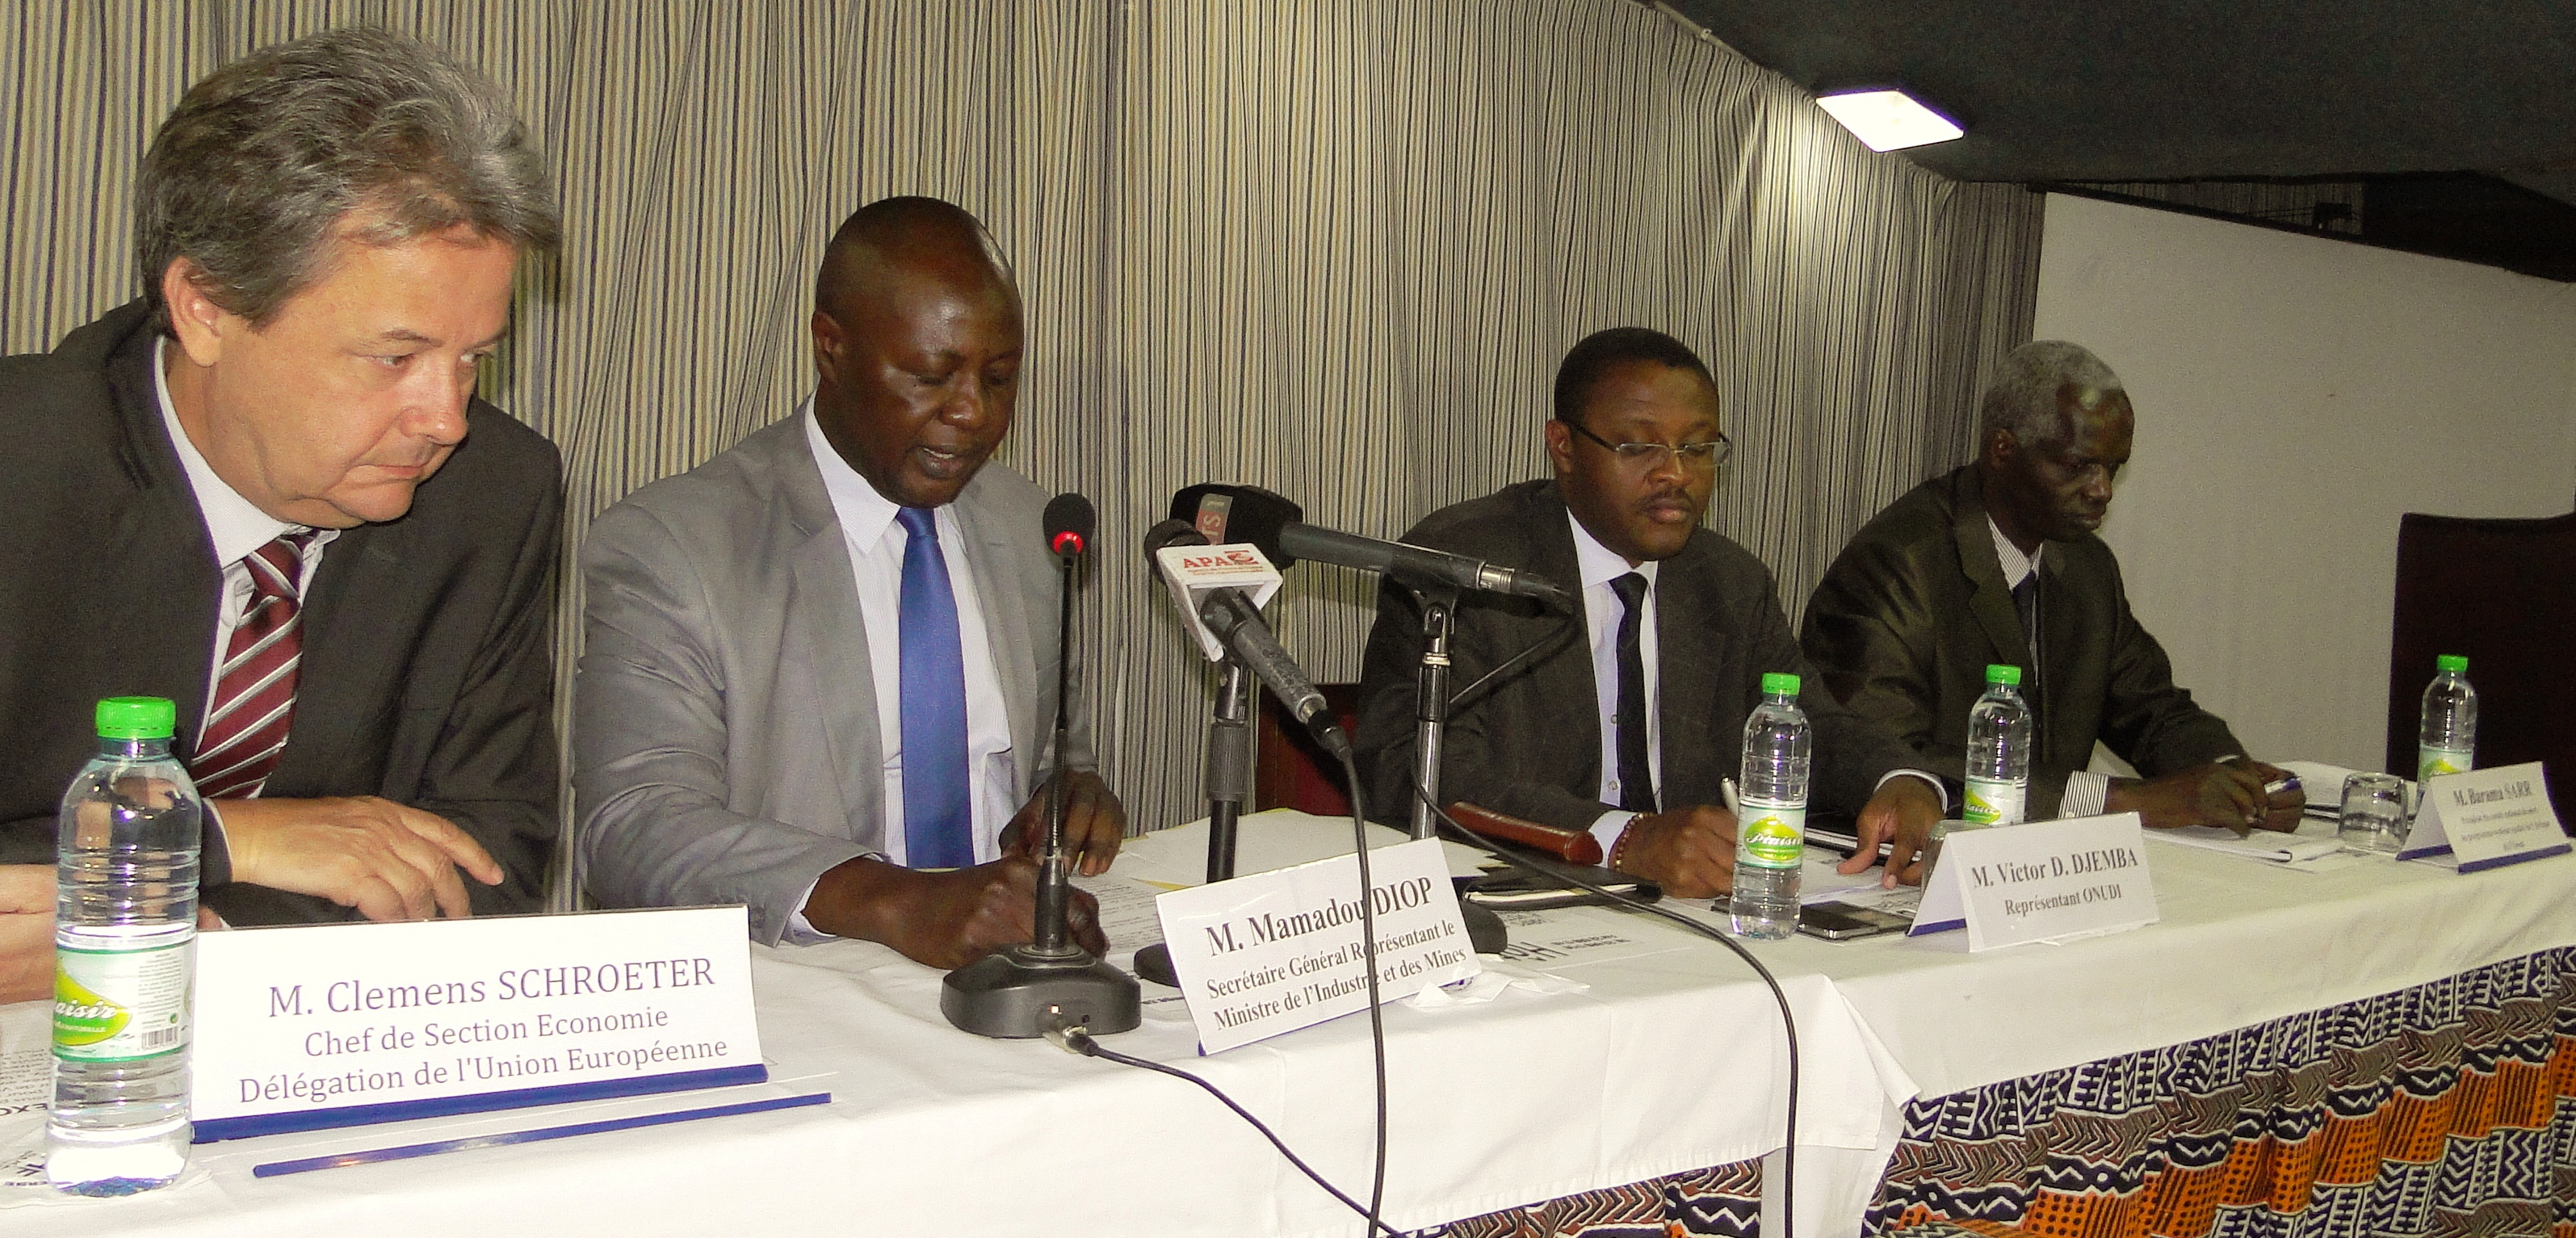 Programme Système Qualité en Afrique de l'Ouest : 16 pays bénéficient d'un programme de 7.9 milliards Francs CFA